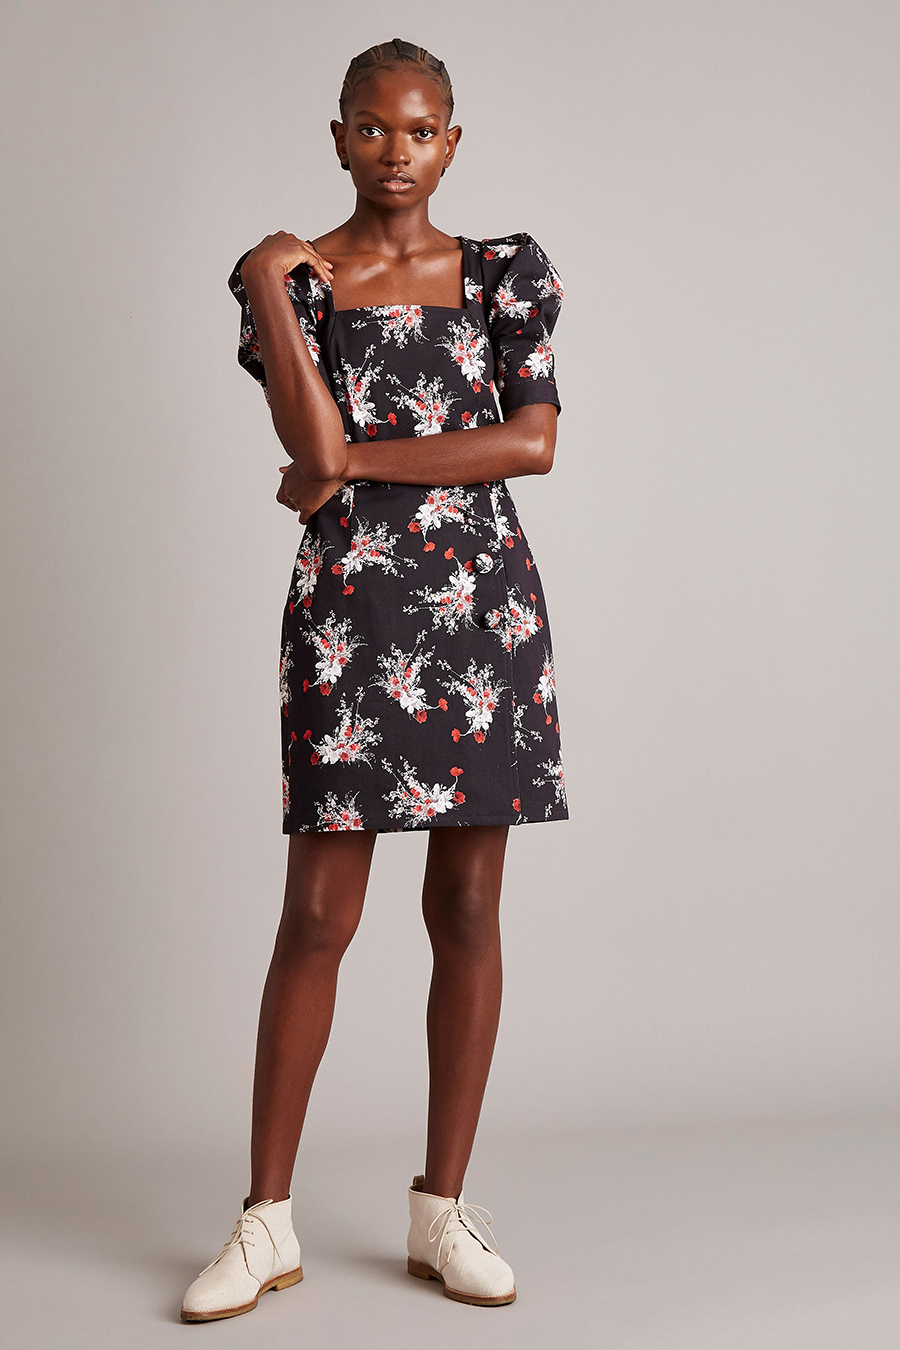 самые модные платья осень зима 2021 2022 цветочное в цветы черное белое красное